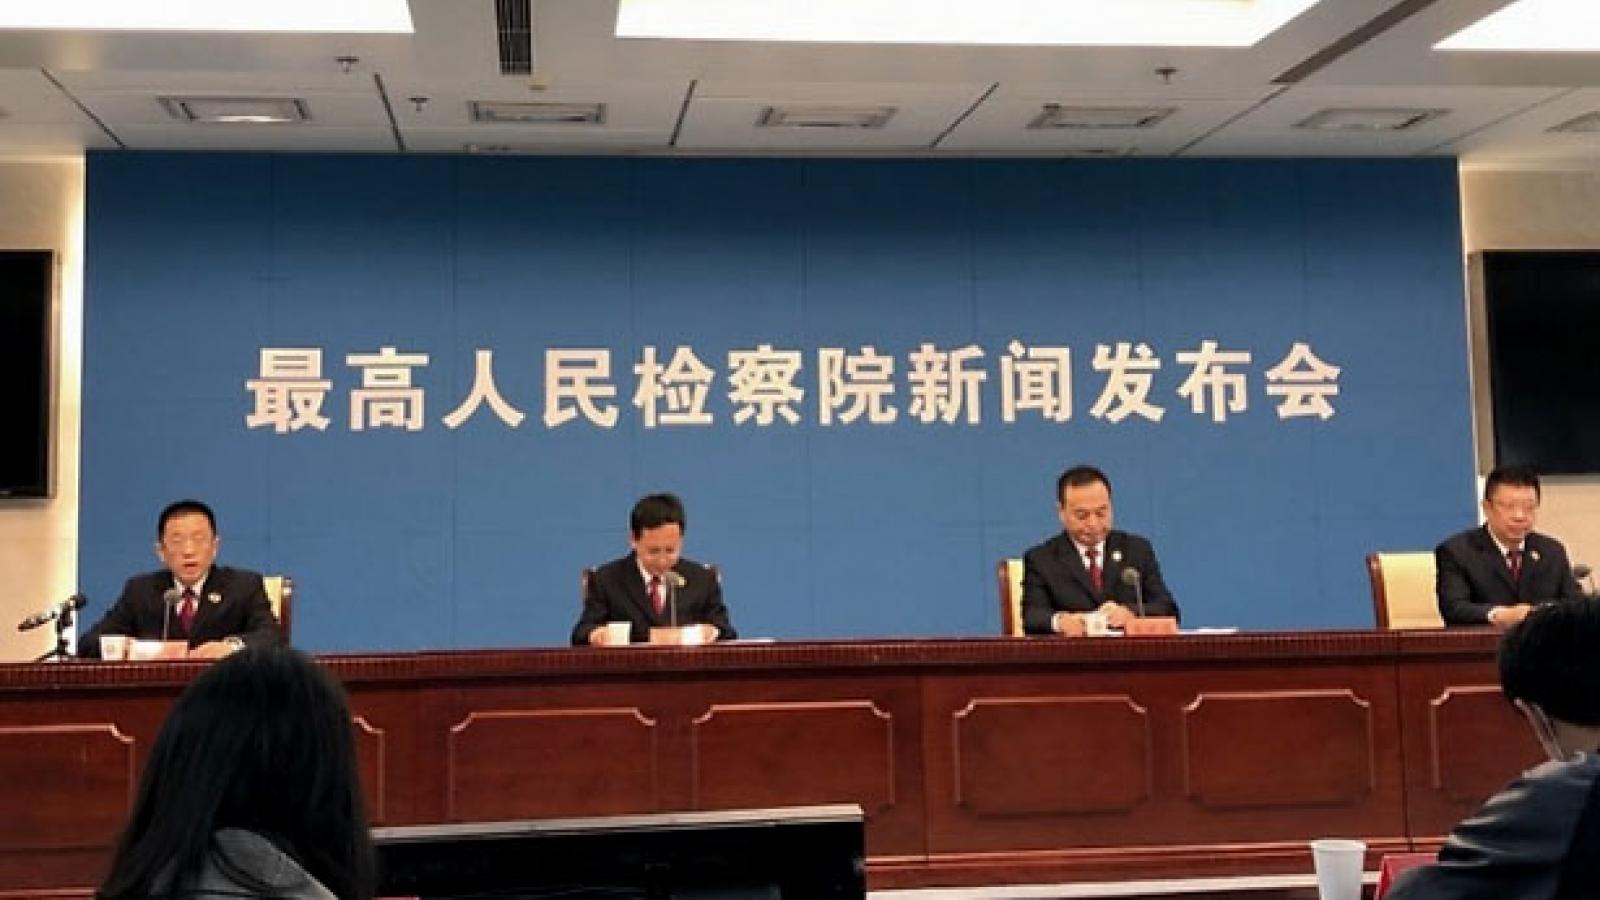 Số lượng tội phạm liên quan đến Covid-19 ở Trung Quốc tăng gấp 5 lần